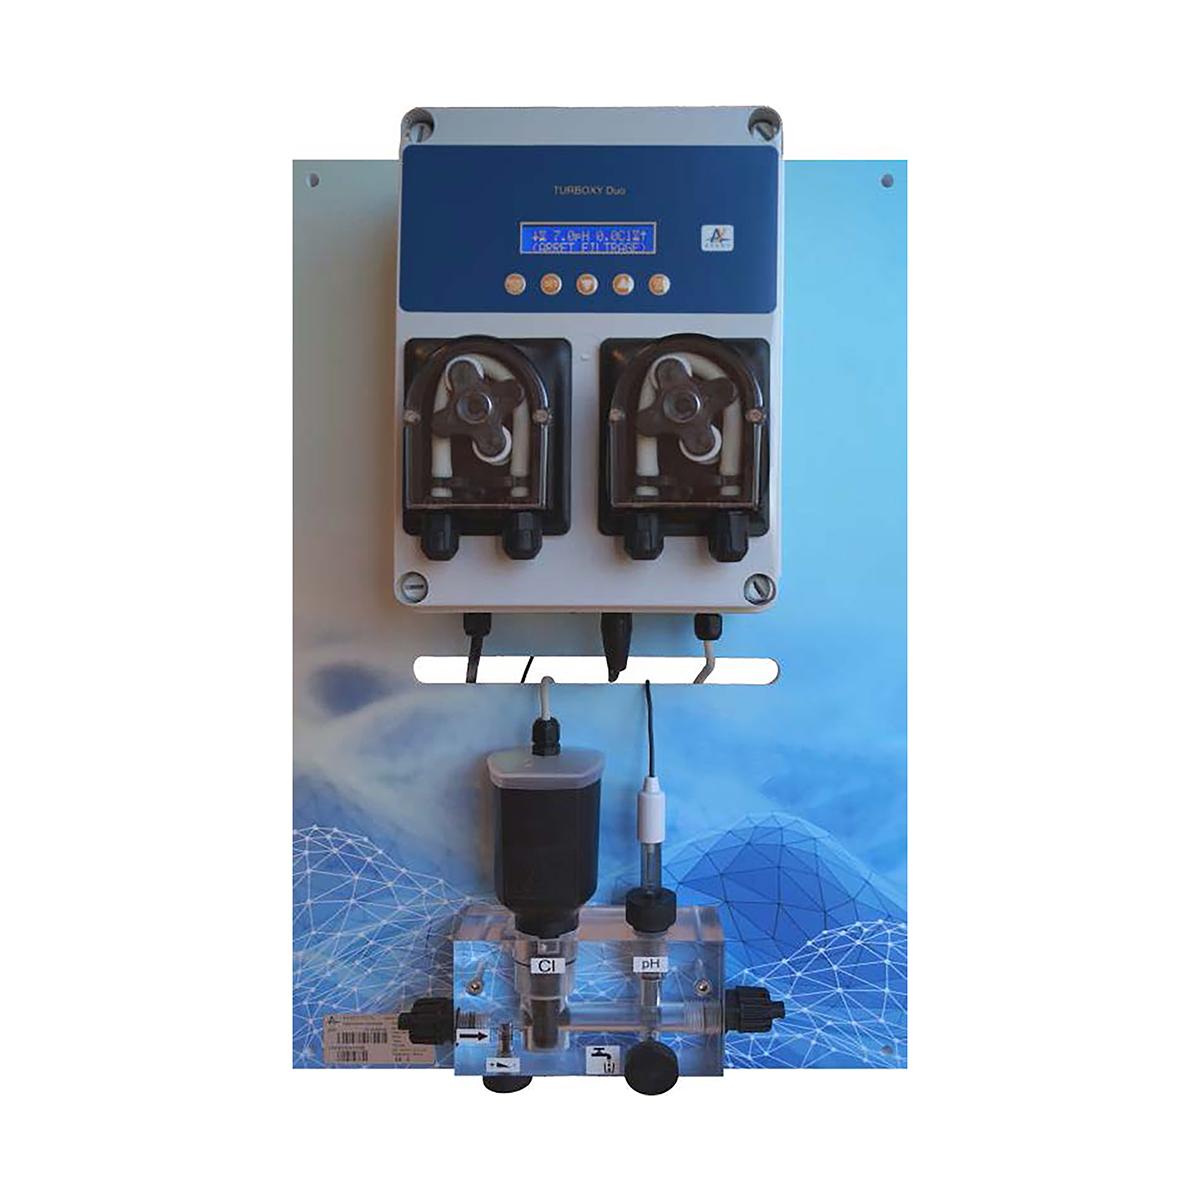 Smart Wasseraufbereitungssystem PAN-TURBOXY Duo pH 1,5 l/h Cl 3,0 l/h ppm (amperometrisch) Temp. freie Chlormessung inkl. WEB Anbindung, für private Schwimmbecken und öffentliche Becken, System auf Panele montiert Smart Wasseraufbereitungssystem PAN-TURBOXY Duo pH 1,5 l/h Cl 3,0 l/h ppm (amperometrisch) Temp. freie Chlormessung inkl. WEB Anbindung, für private Schwimmbecken und öffentliche Becken, System auf Panele montiert